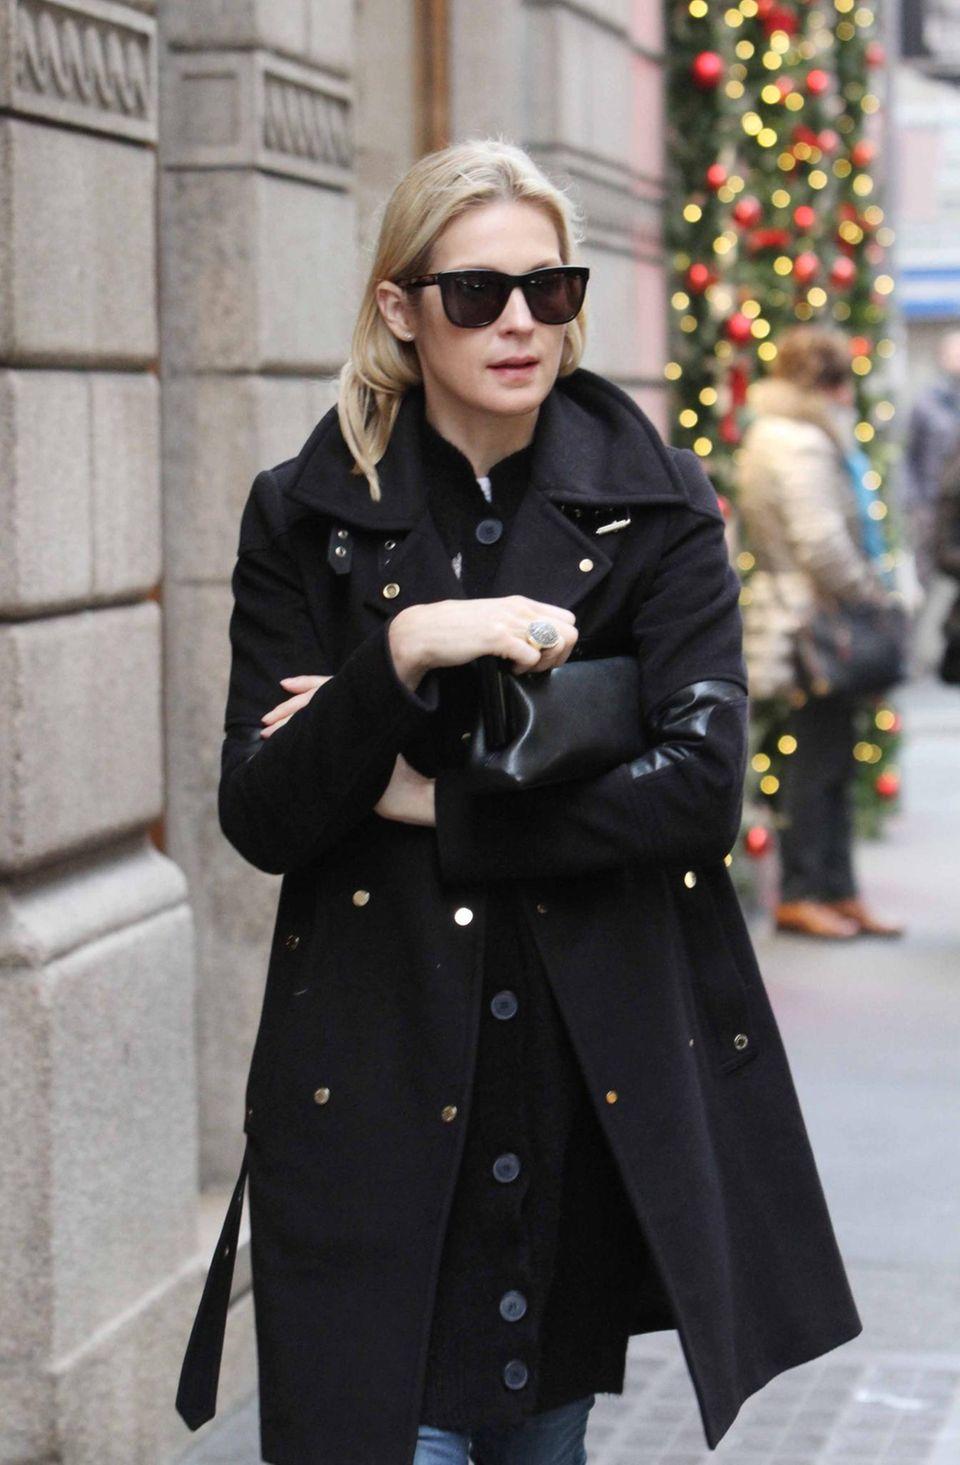 22. Dezember 2015: Die amerikanische Schauspielerin Kelly Rutherford läuft allein durch Mailand. Sie hat soeben das Sorgerecht für ihre Kinder verloren.